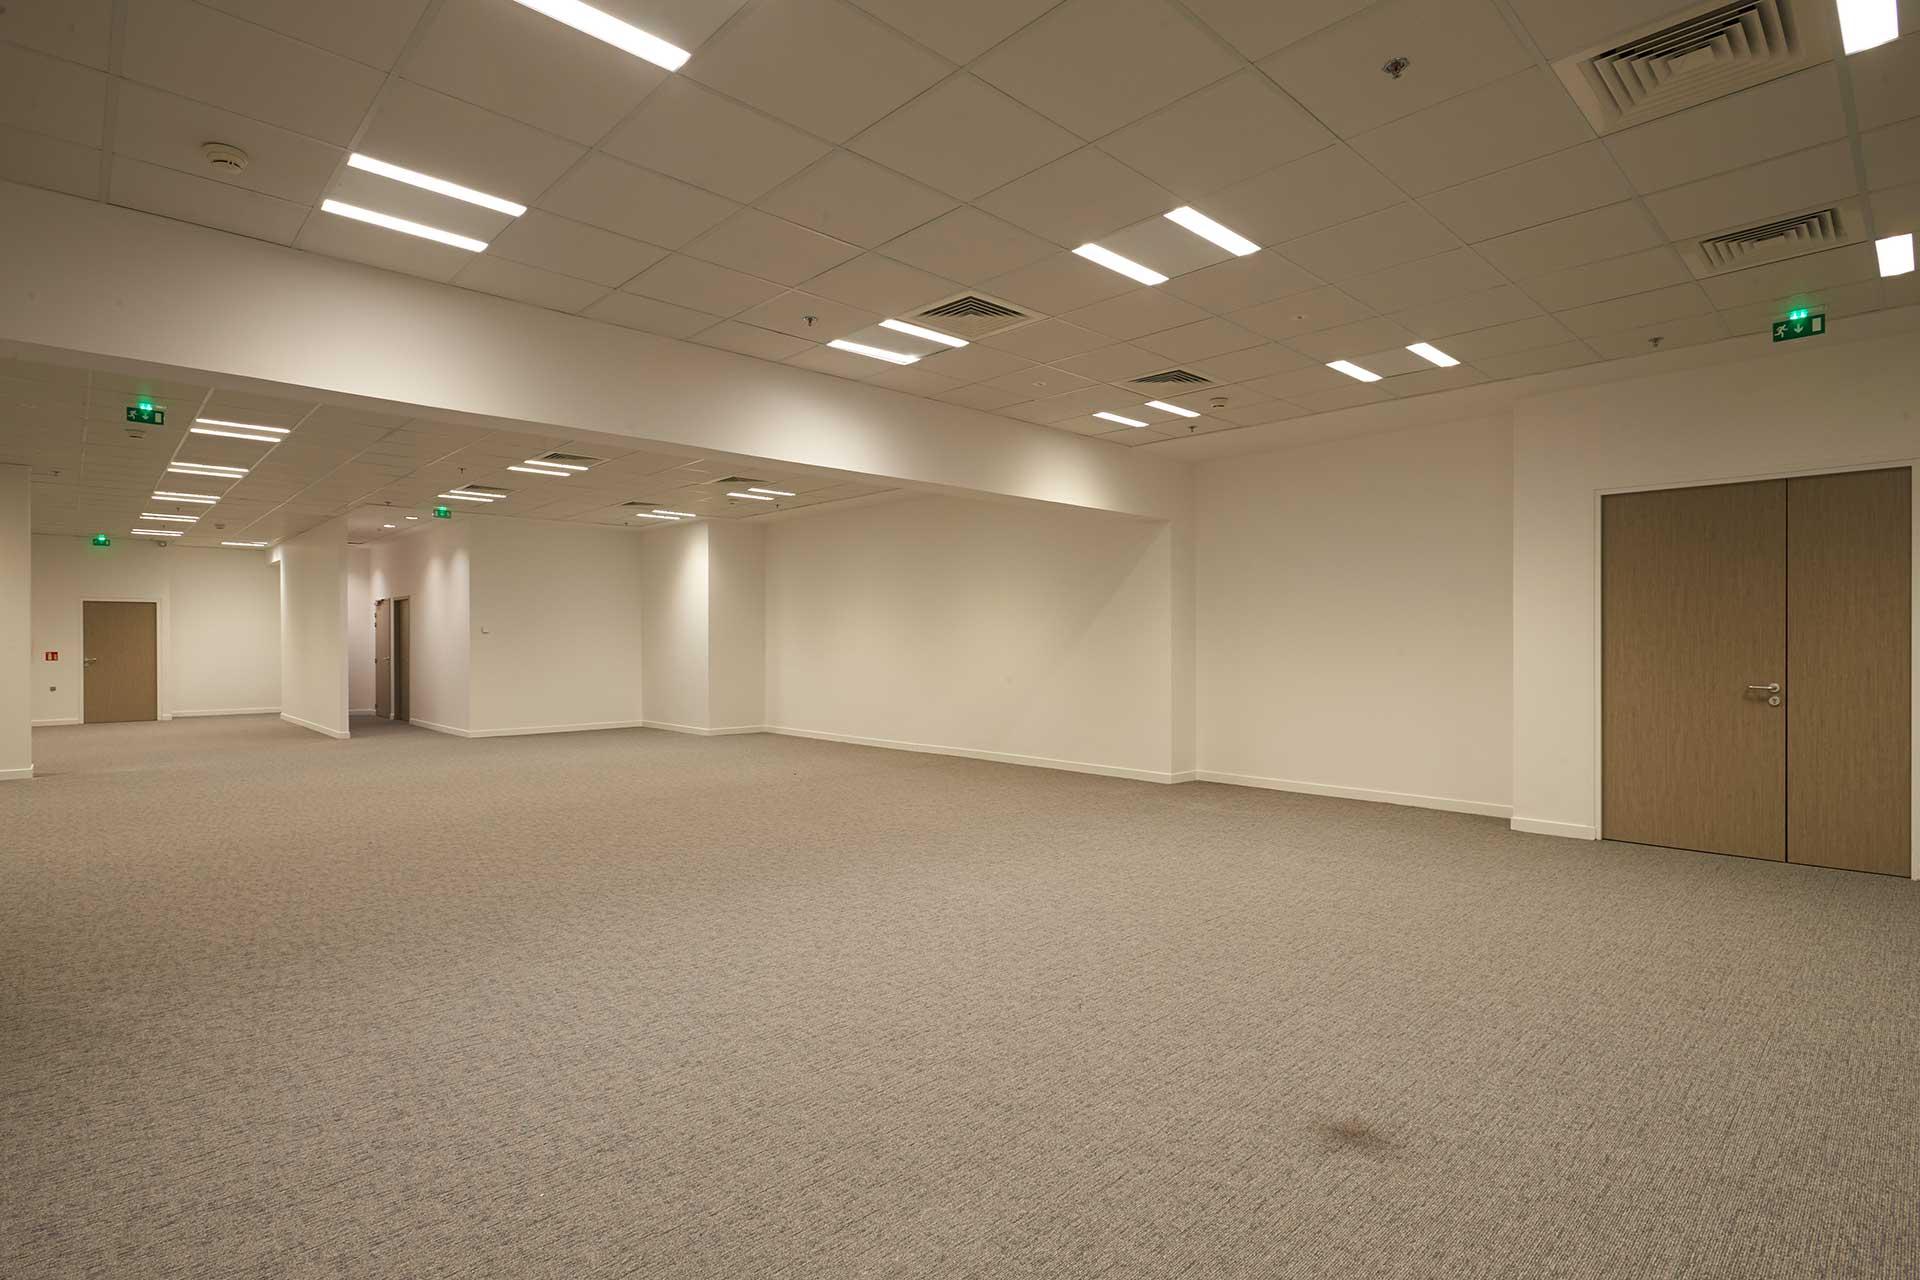 Plafonds suspendus démontables dalles phoniques ossature t de 24 blanc